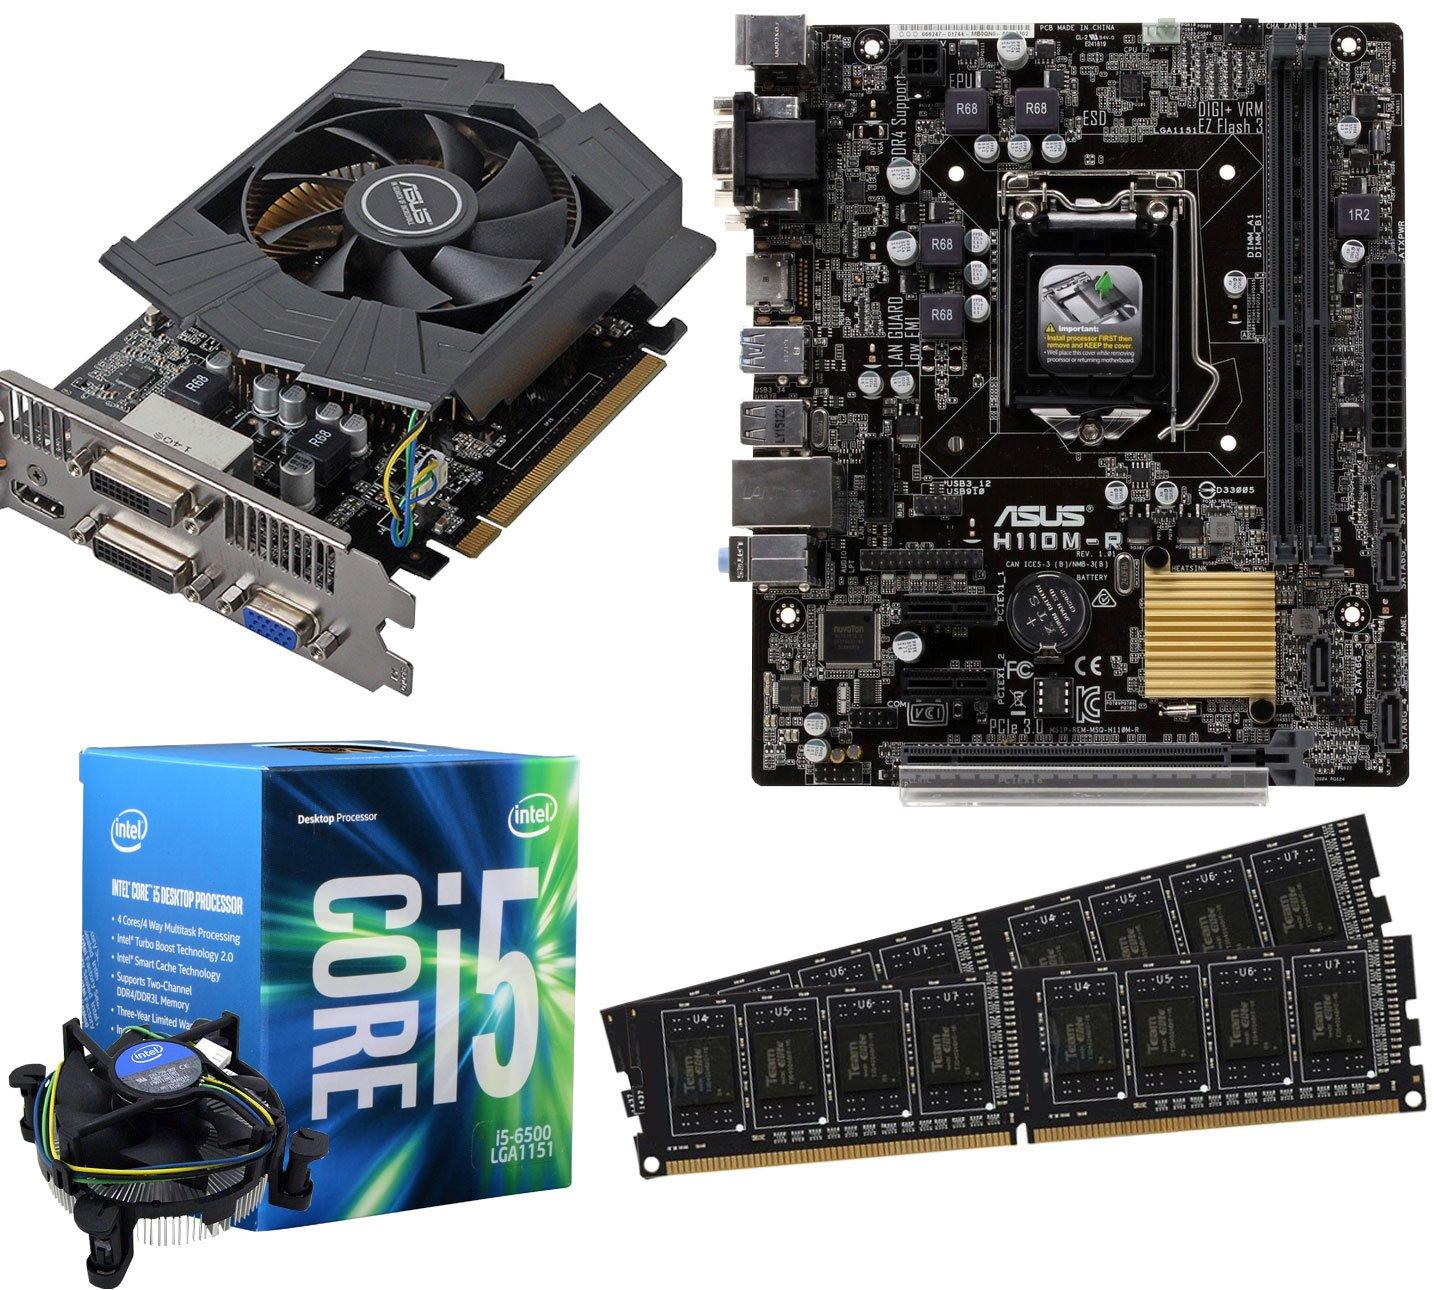 Placa base Asus h110 m-r Bundle (3.6GHz Intel Core i5 6500, Asus Gtx 750 Ti 2 GB, 16 GB 2133 MHz DDR4 RAM) - 348528: Amazon.es: Informática